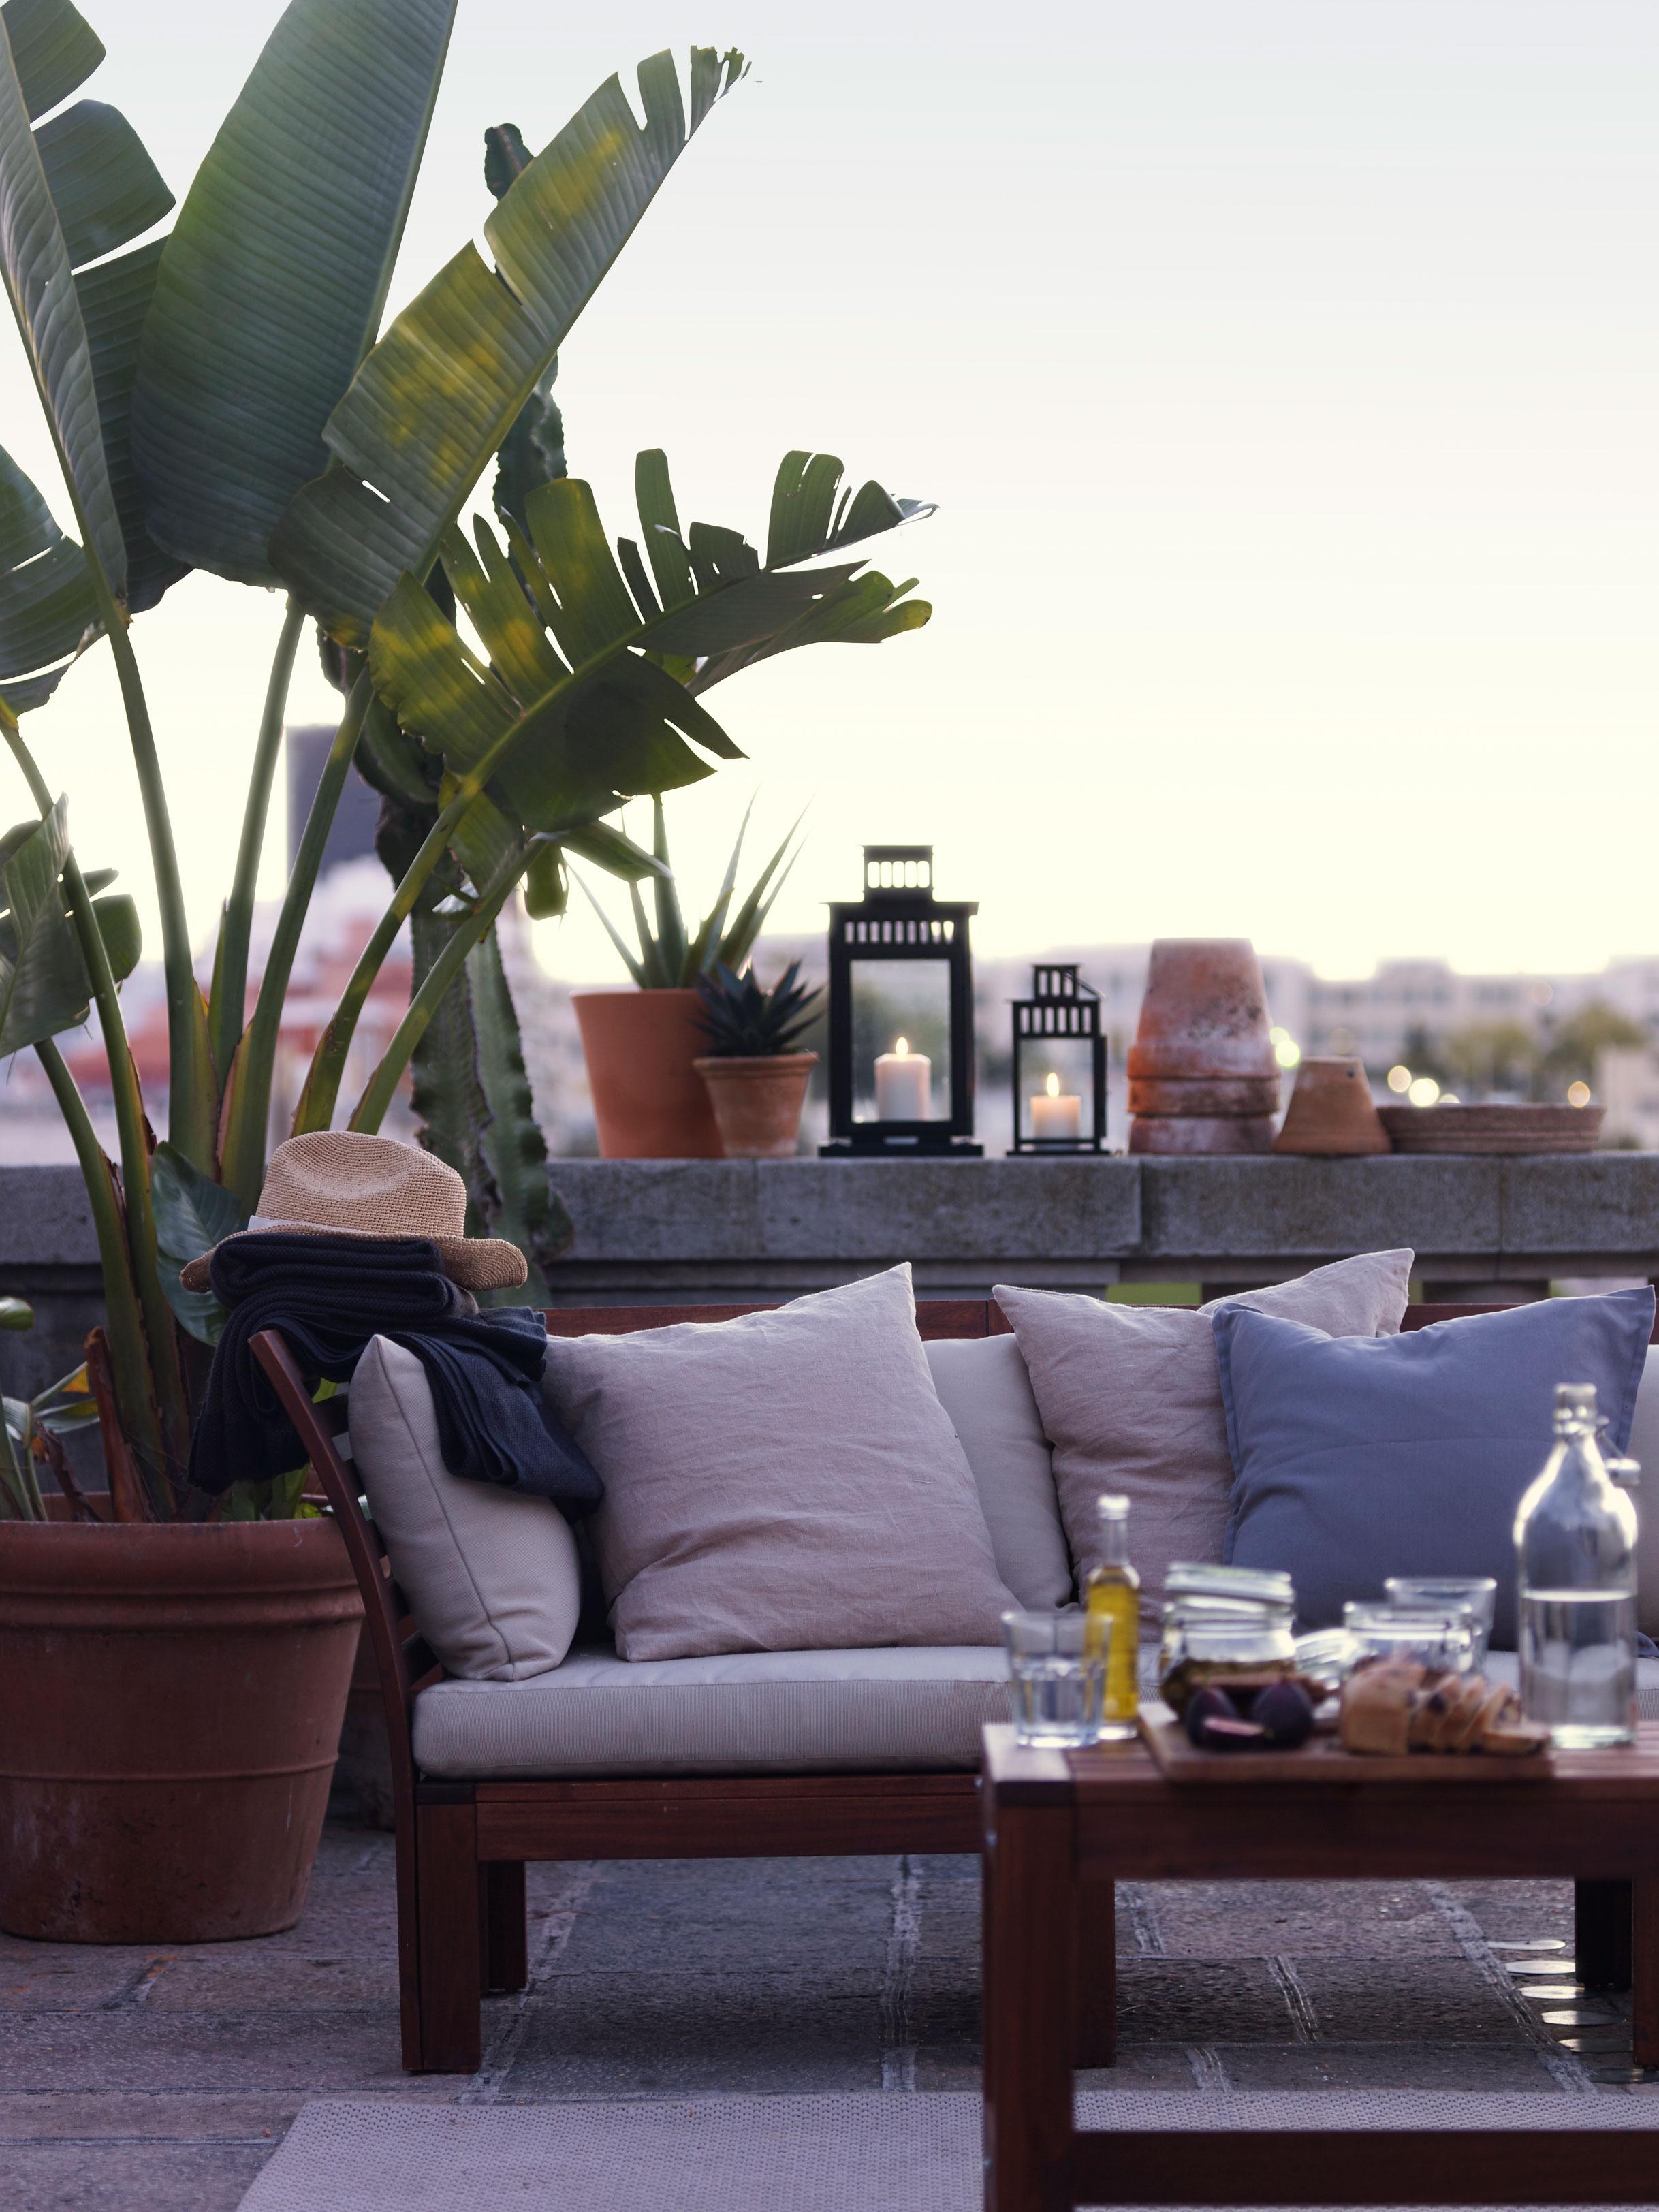 Ikea verano 2016 blog tienda decoraci n estilo n rdico for Muebles terraza ikea